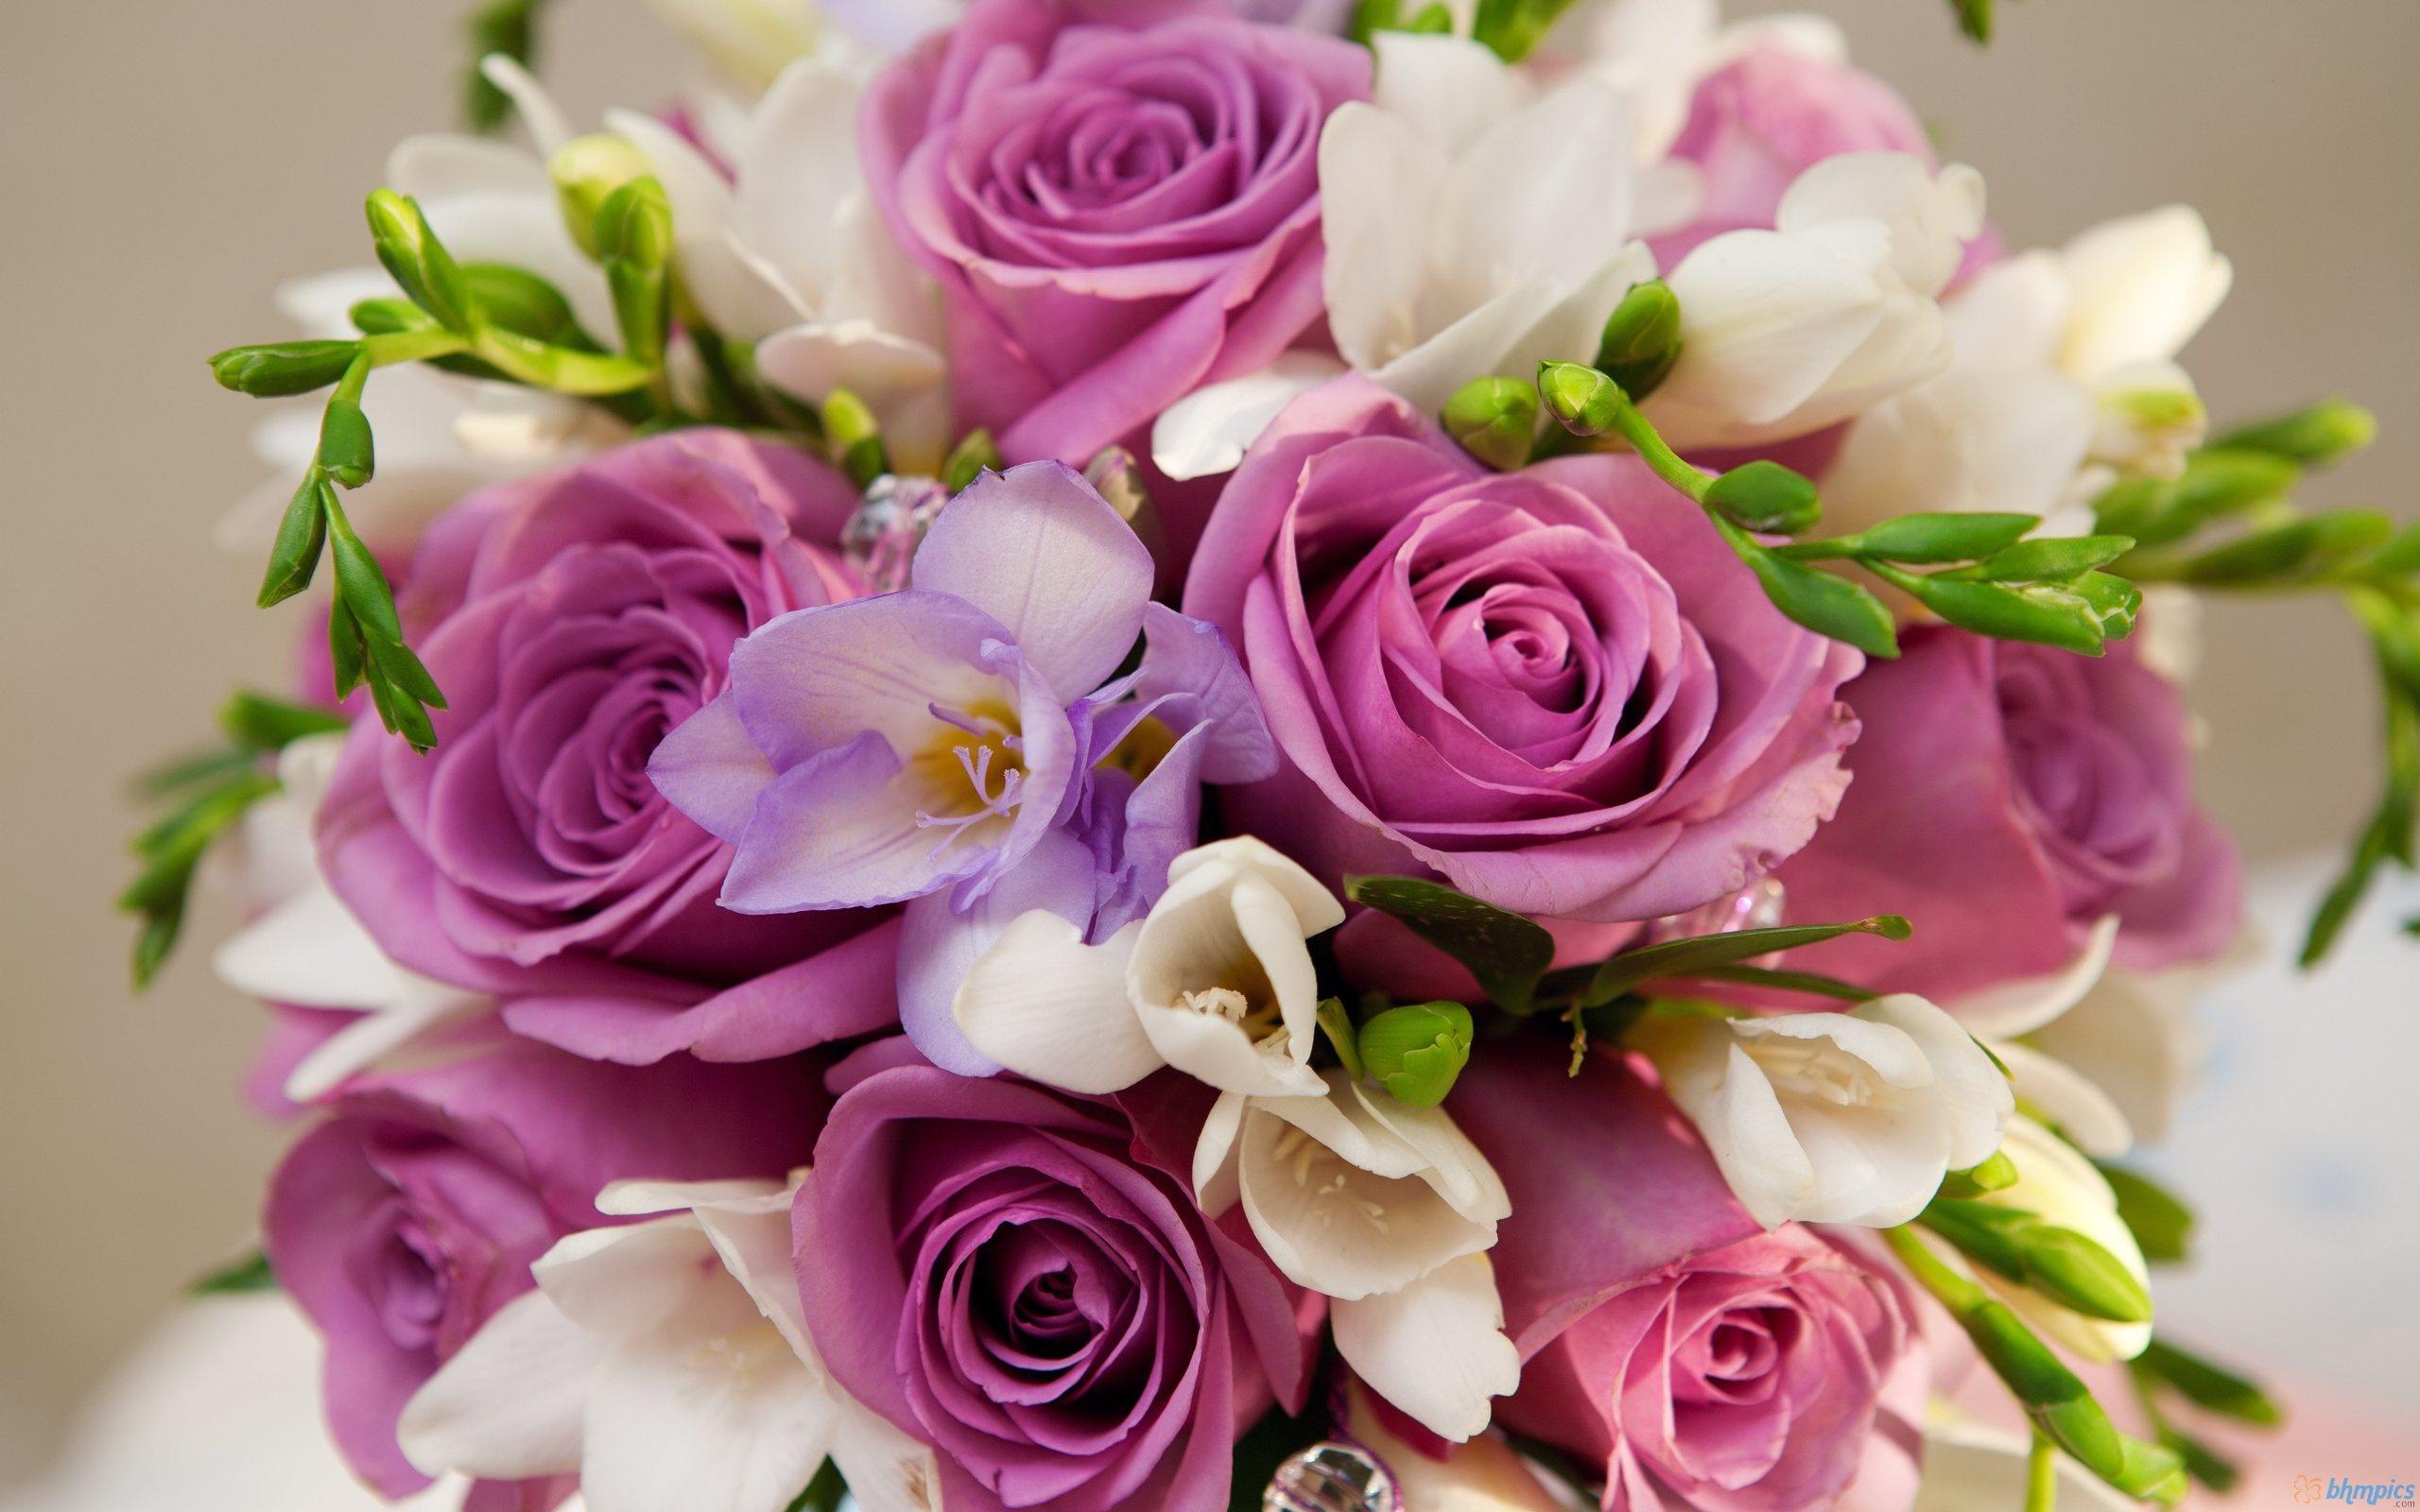 بالصور صور زهور , الزهور وجمالها في صور 86 8